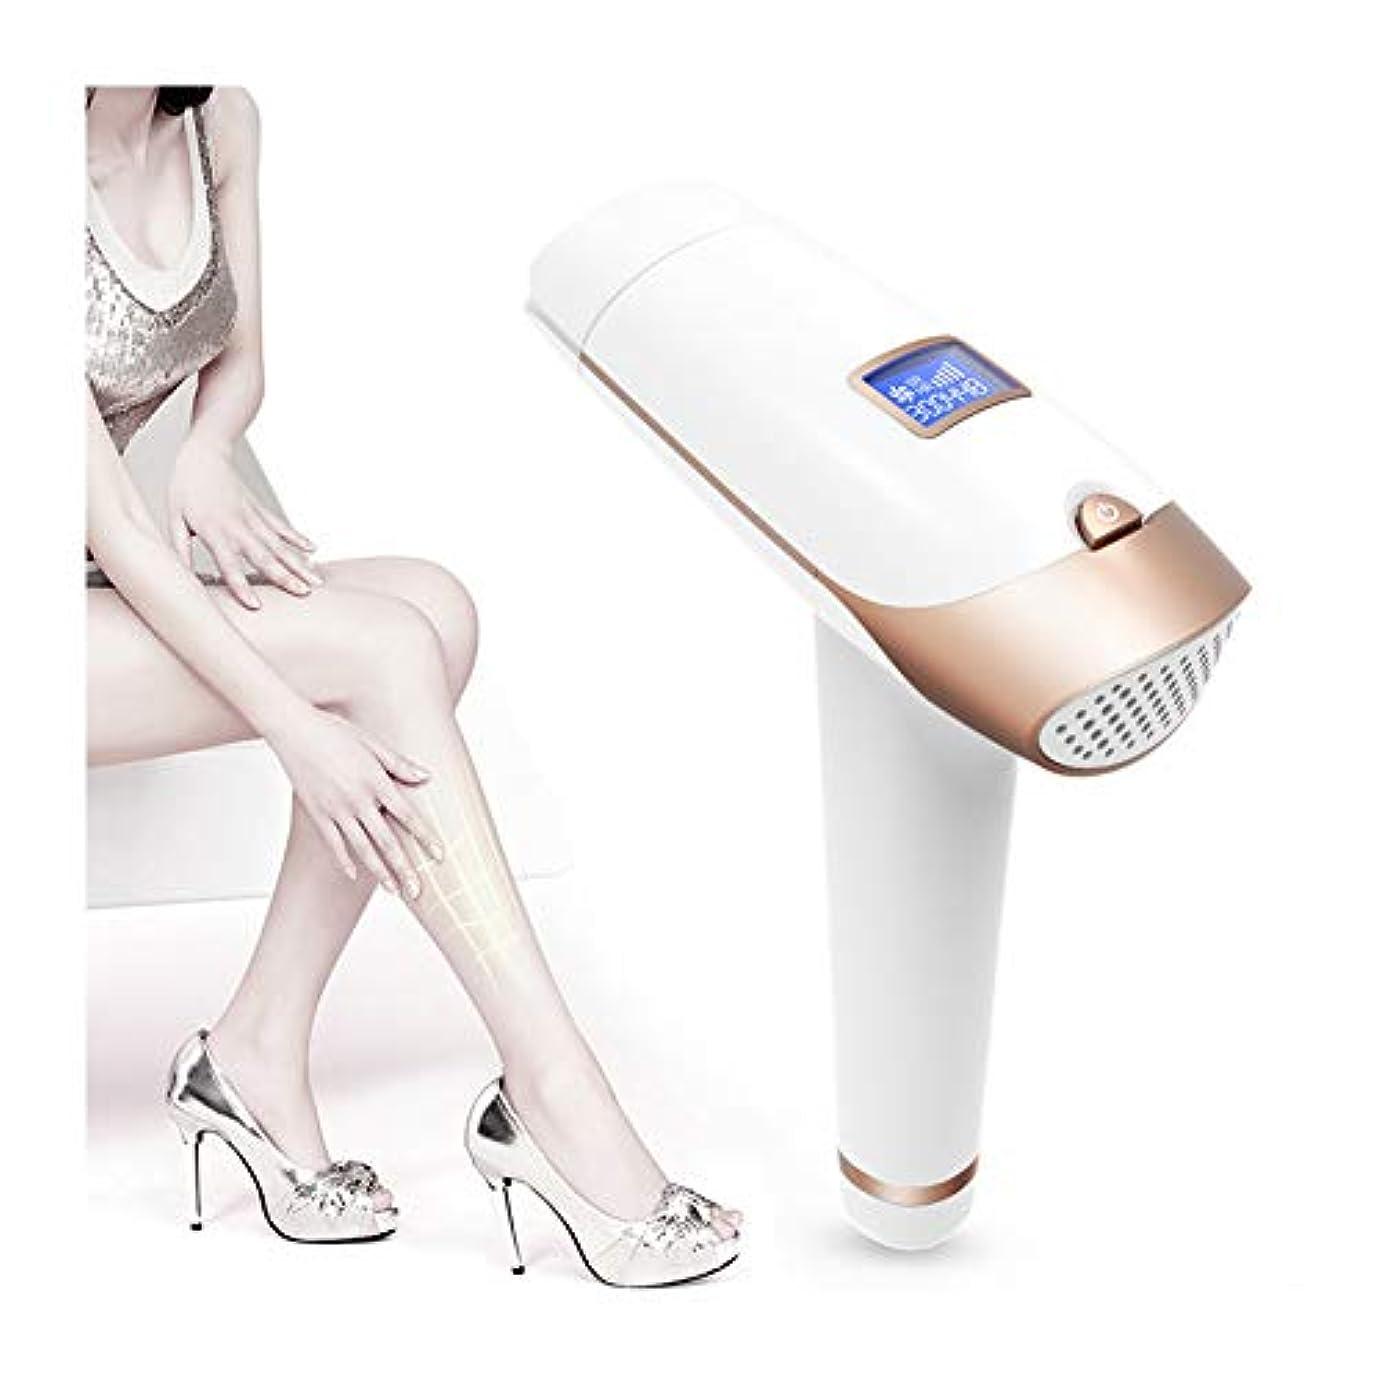 高音激怒木製女性のためのIPLの毛の取り外し装置IPLの毛の除去剤、IPLレーザーの毛の取り外し、凍結ポイント痛みのない永久的なレーザーの毛の取り外し機械を改善して下さい